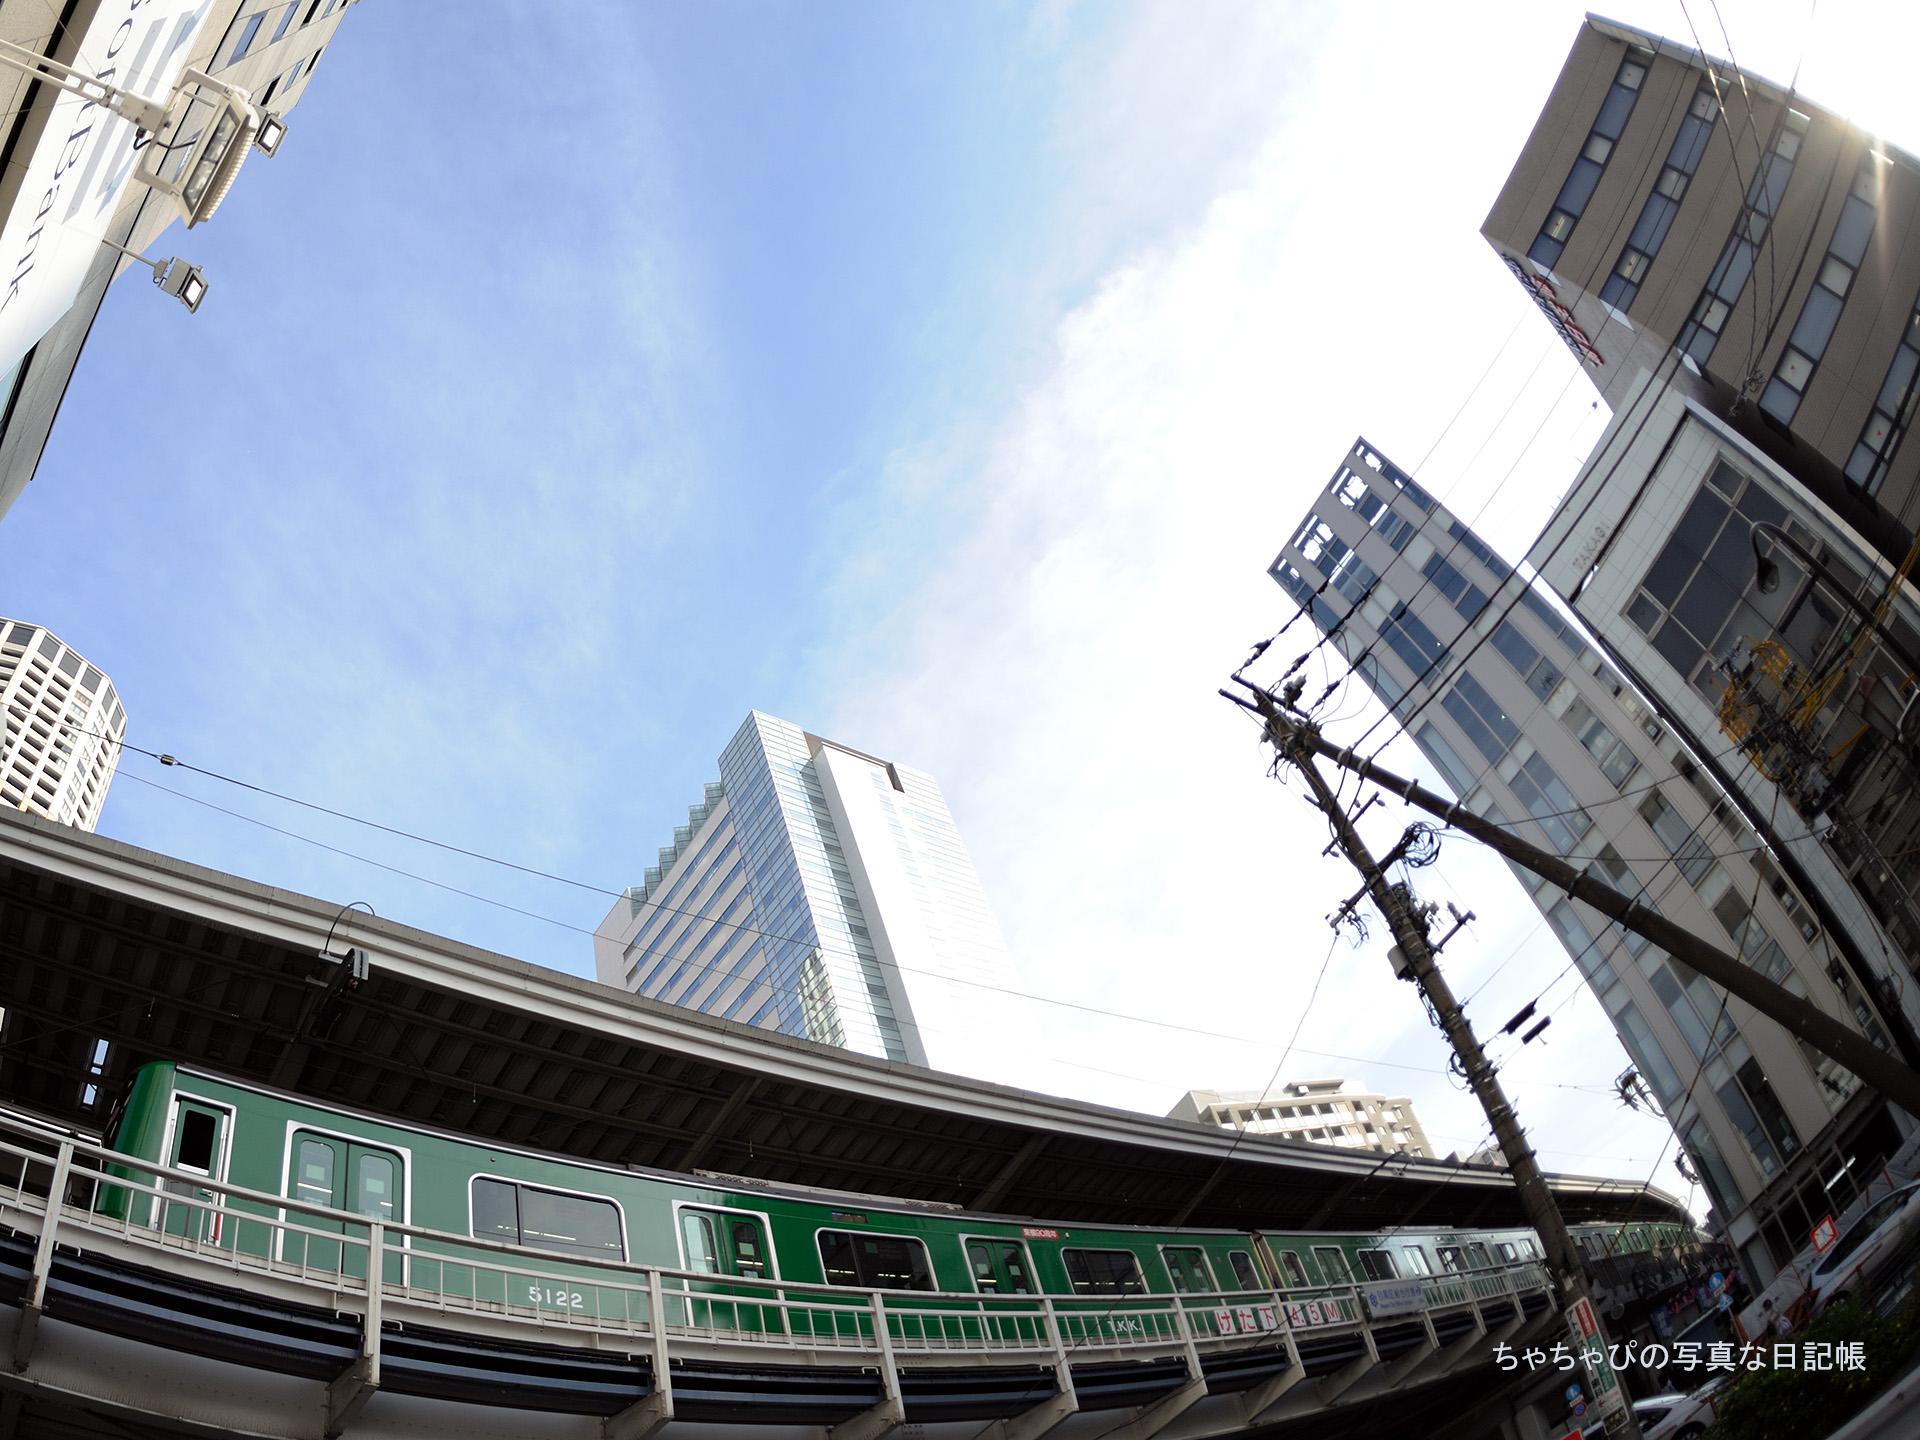 東急東横線 中目黒駅 5050系 青ガエルラッピング -08ゥ 5122F-